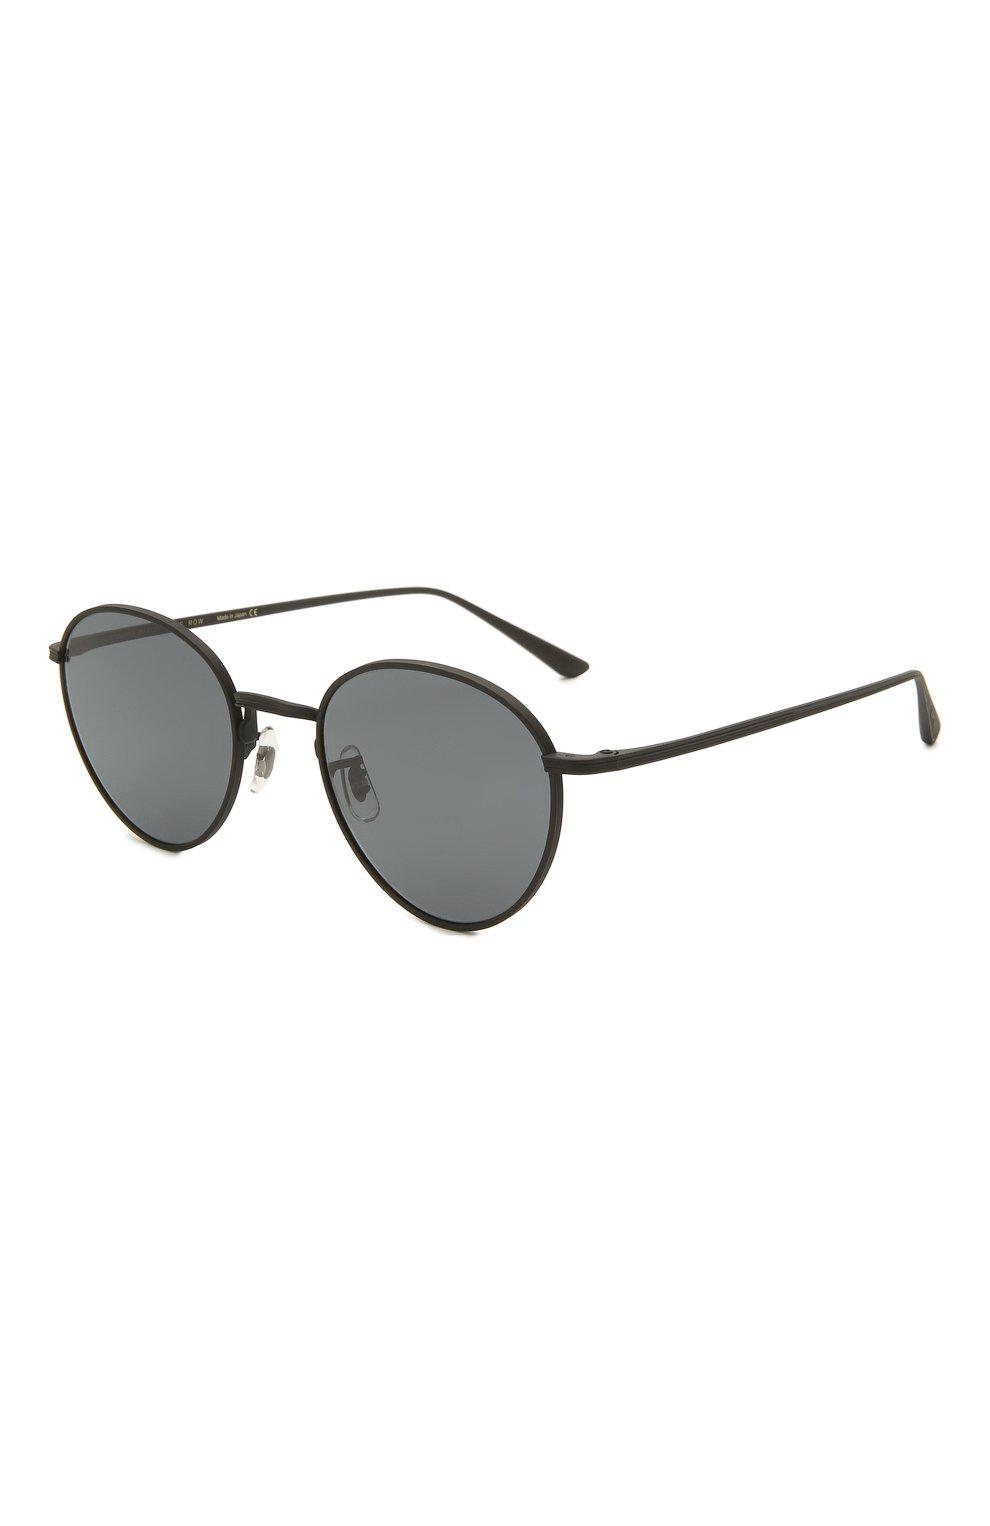 Женские солнцезащитные очки OLIVER PEOPLES черного цвета, арт. 1231ST-5017R5   Фото 1